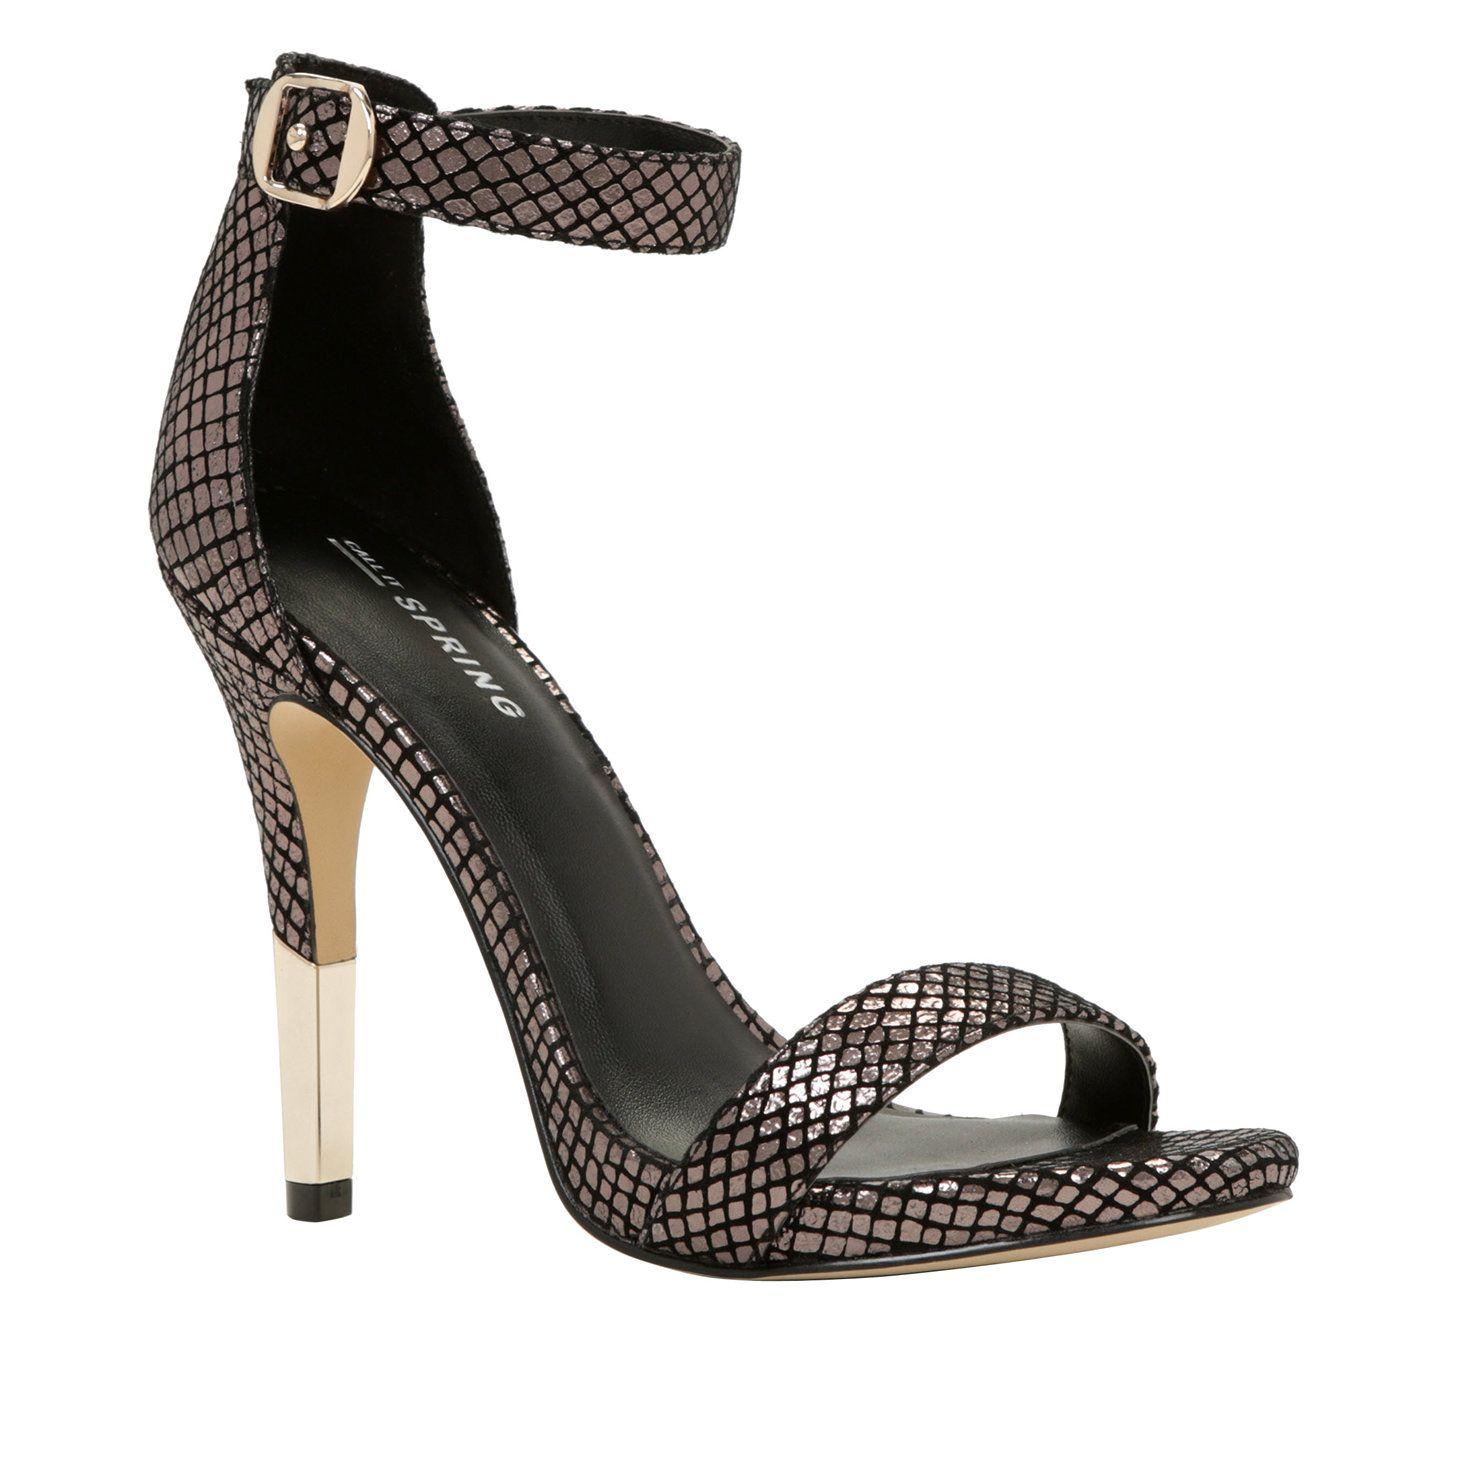 088dc7519e08 Sandalias De Mujeres · Zapatos De Moda · ASTILAWEN